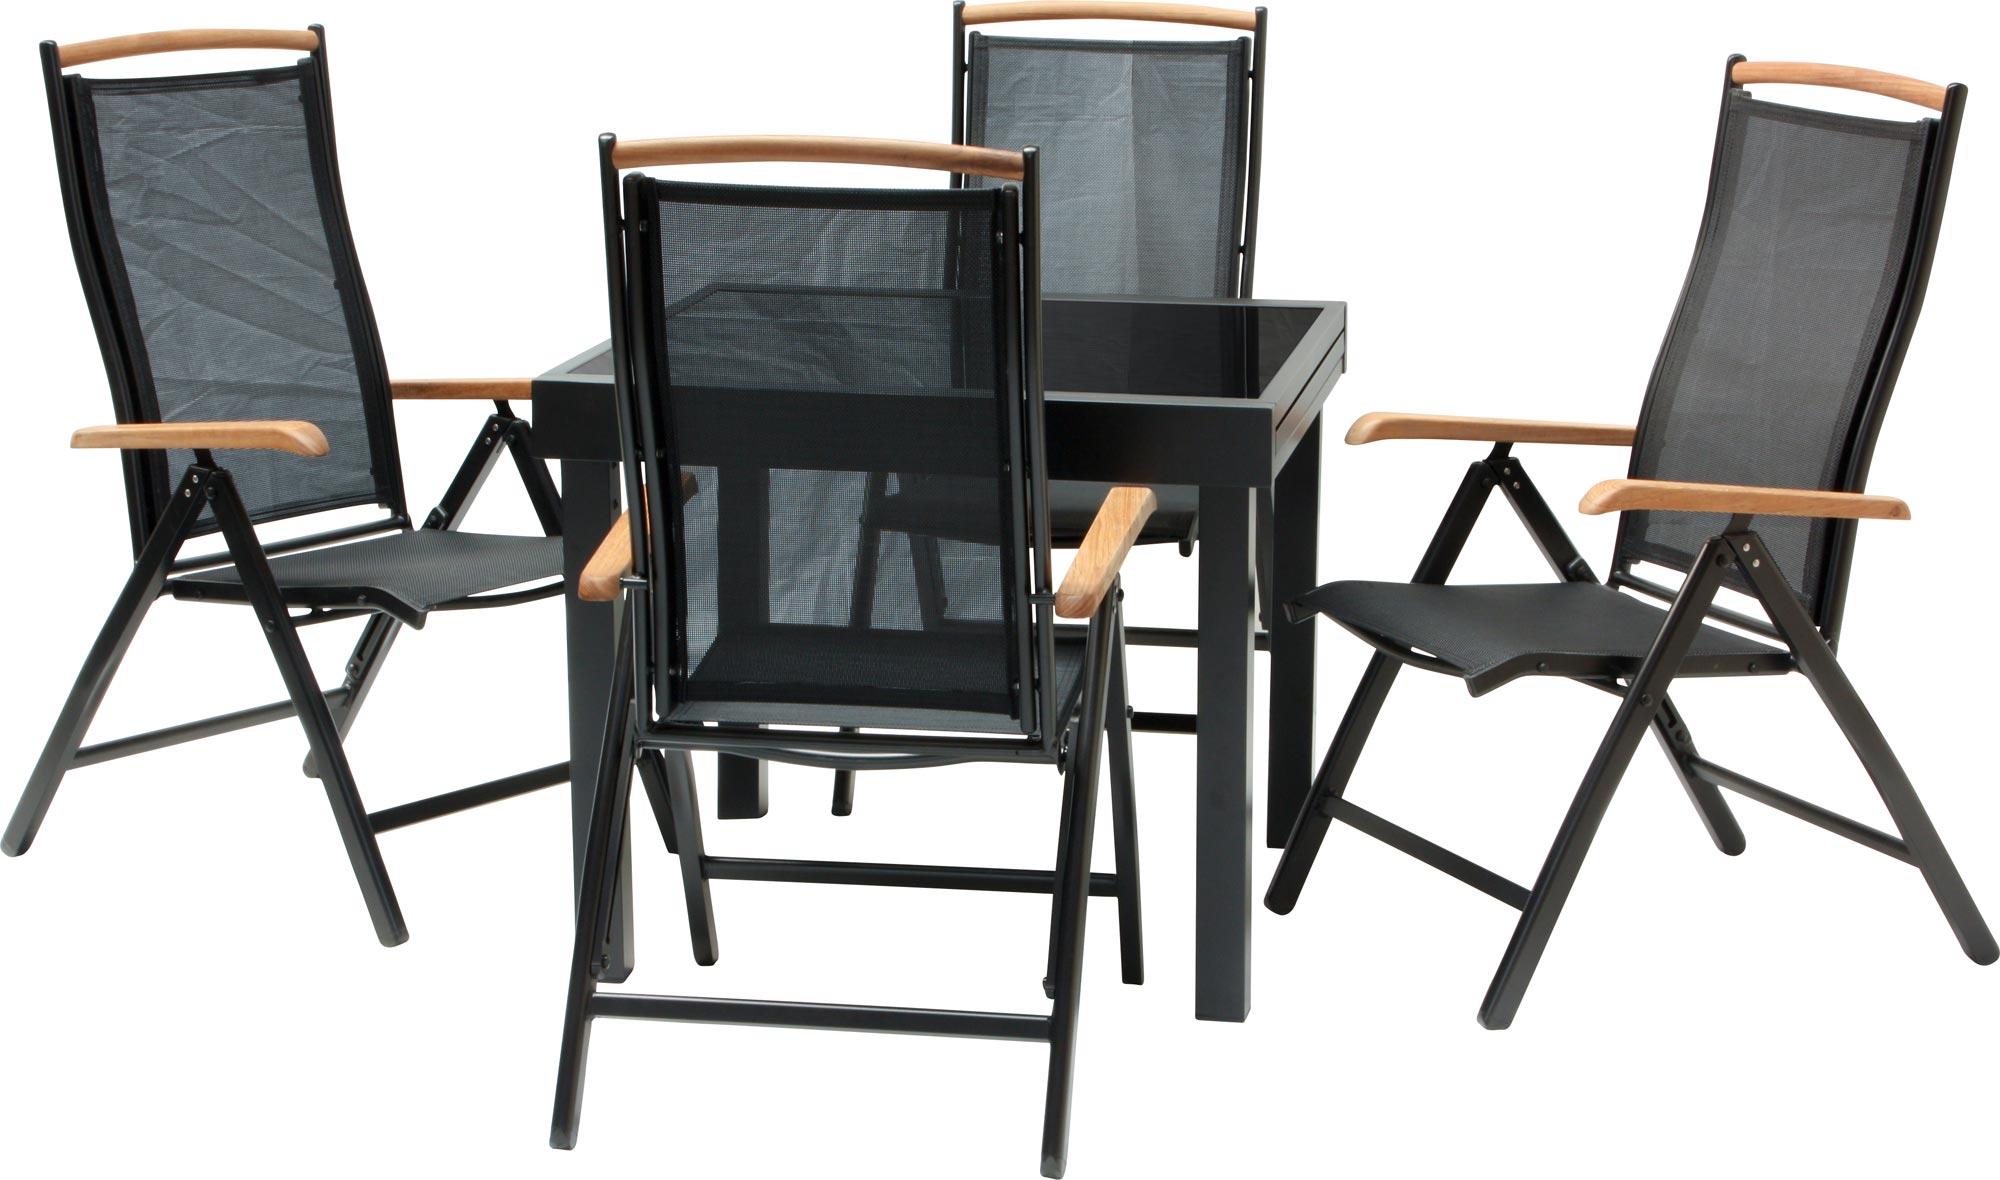 Salon de jardin diplomat quadro noir chaise pliable 3 variantes table ebay - Chaise salon de jardin noir ...